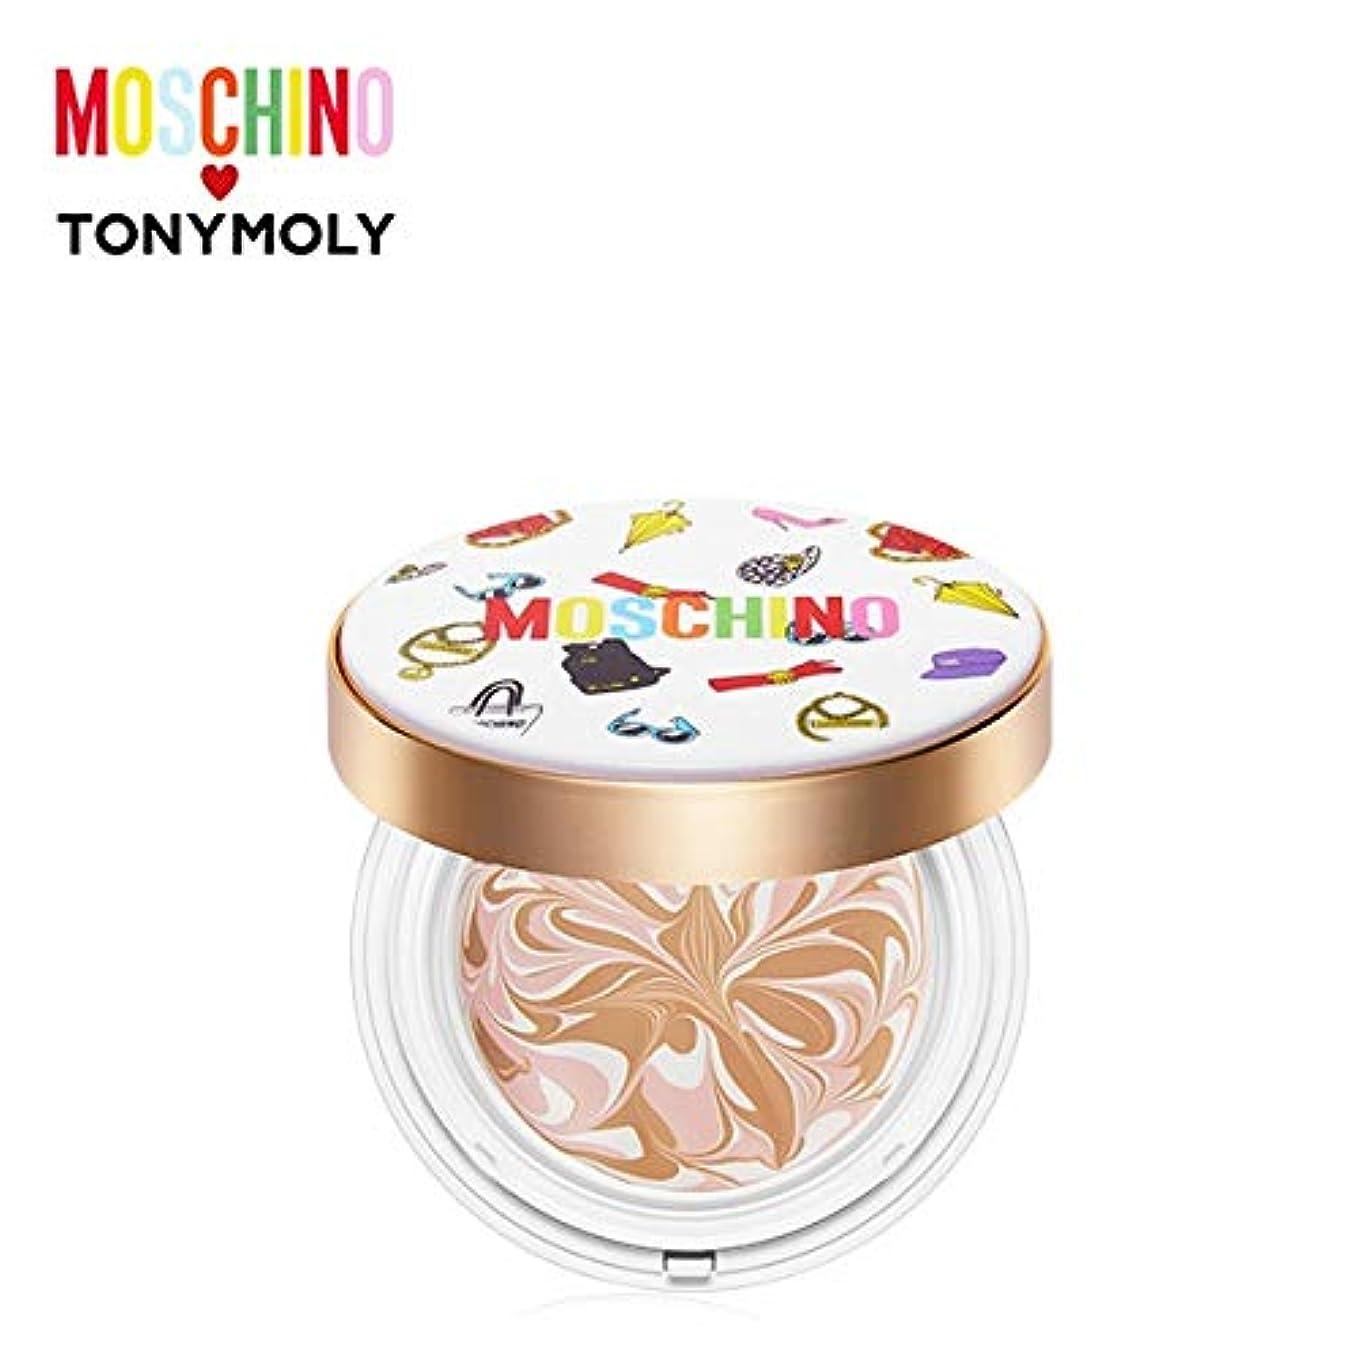 普及祖先首トニーモリー [モスキーノ] シック スキン エッセンス パクト 18g TONYMOLY [MOSCHINO] Chic Skin Essence Pact #02 CHIC BEIGE [並行輸入品]